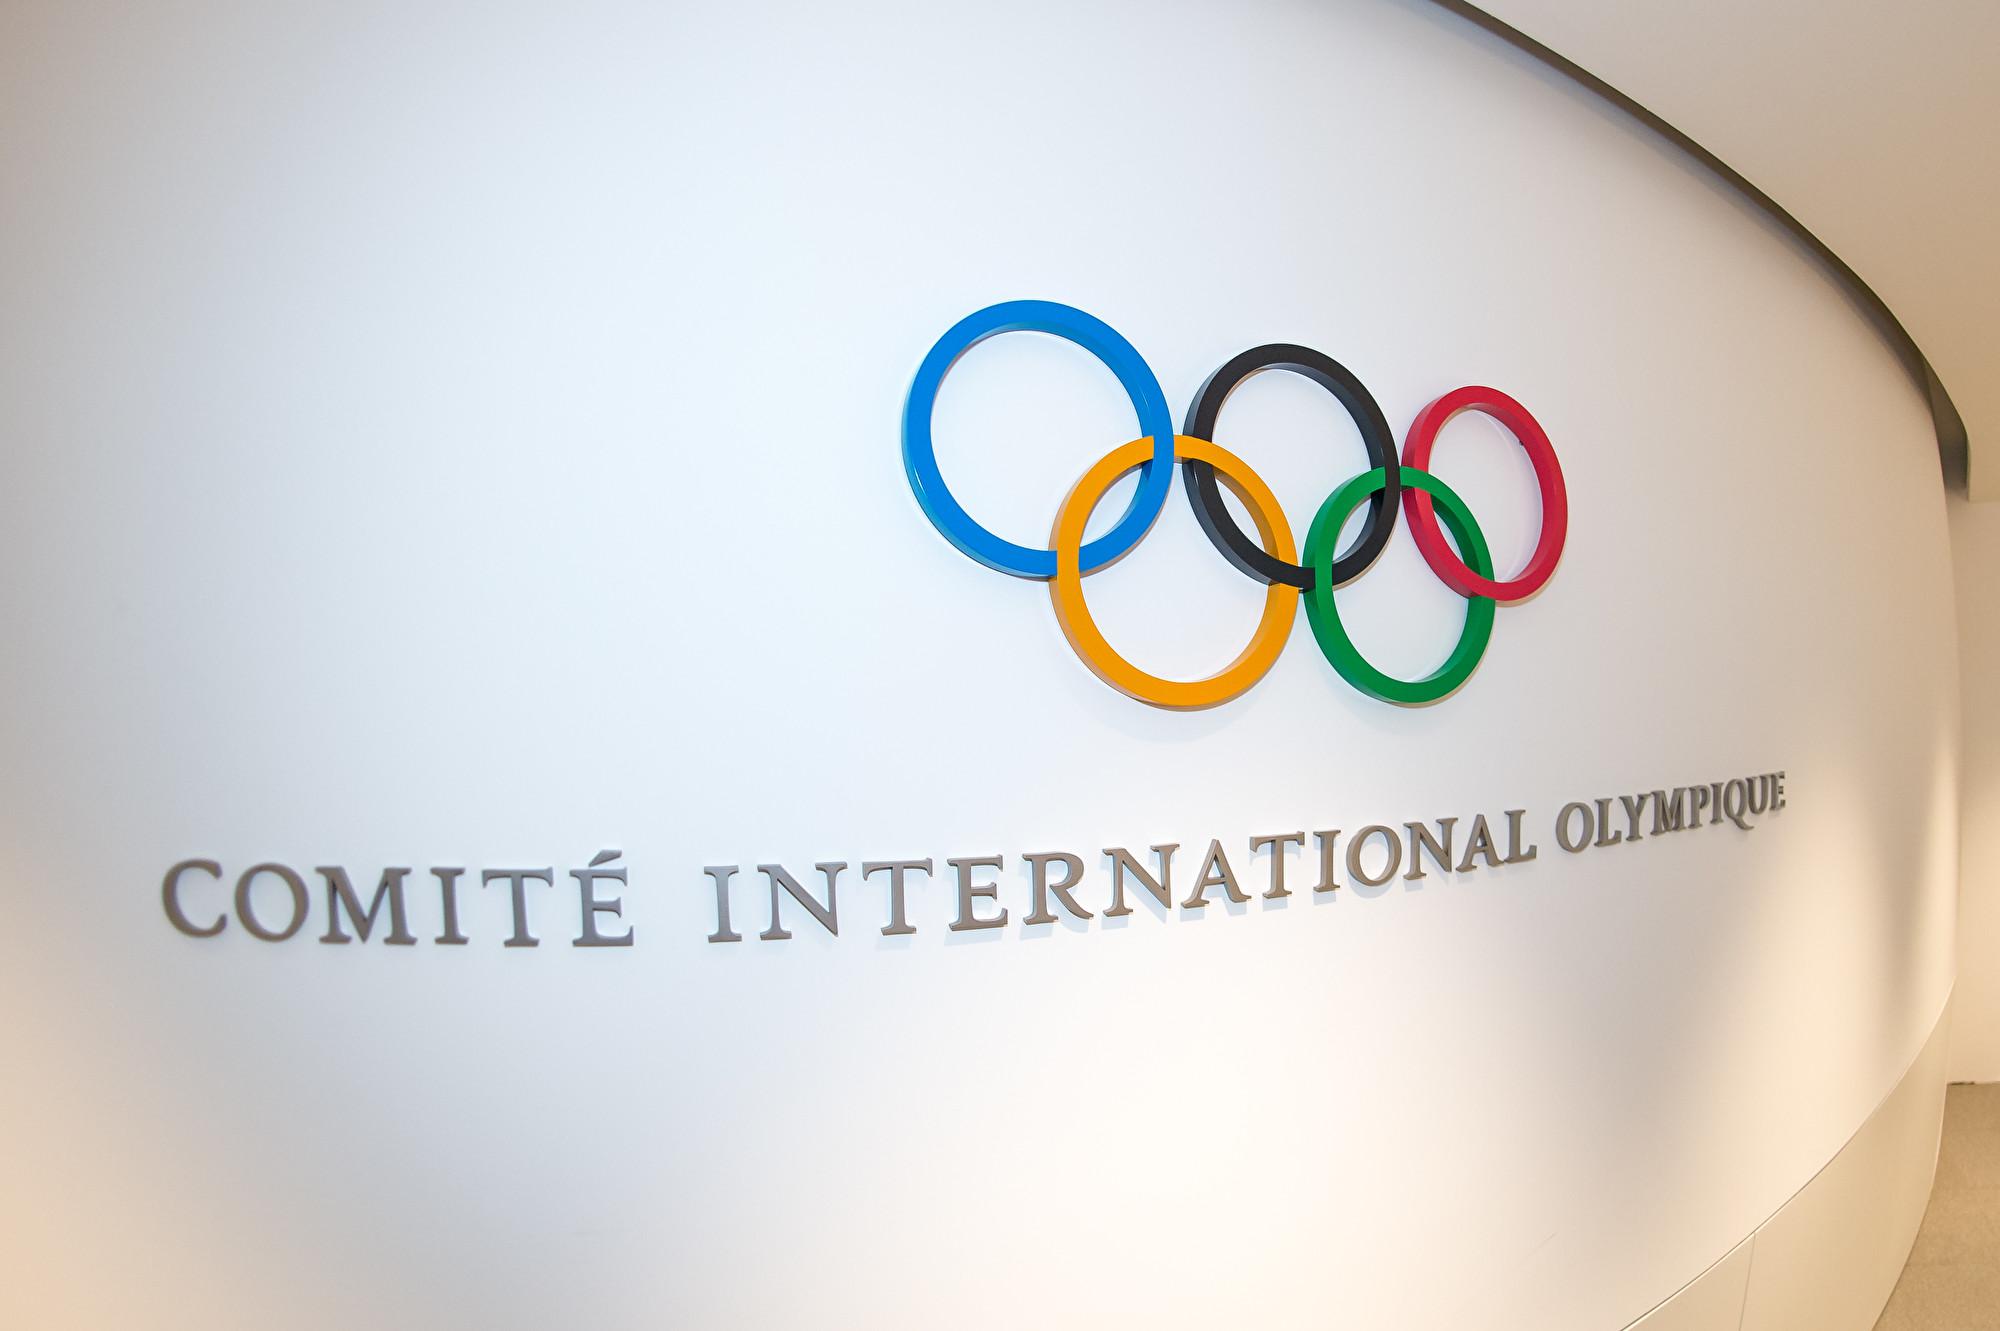 國際奧委會表示,有信心讓東京奧運會如期召開。(Robert Hradil/Getty Images)